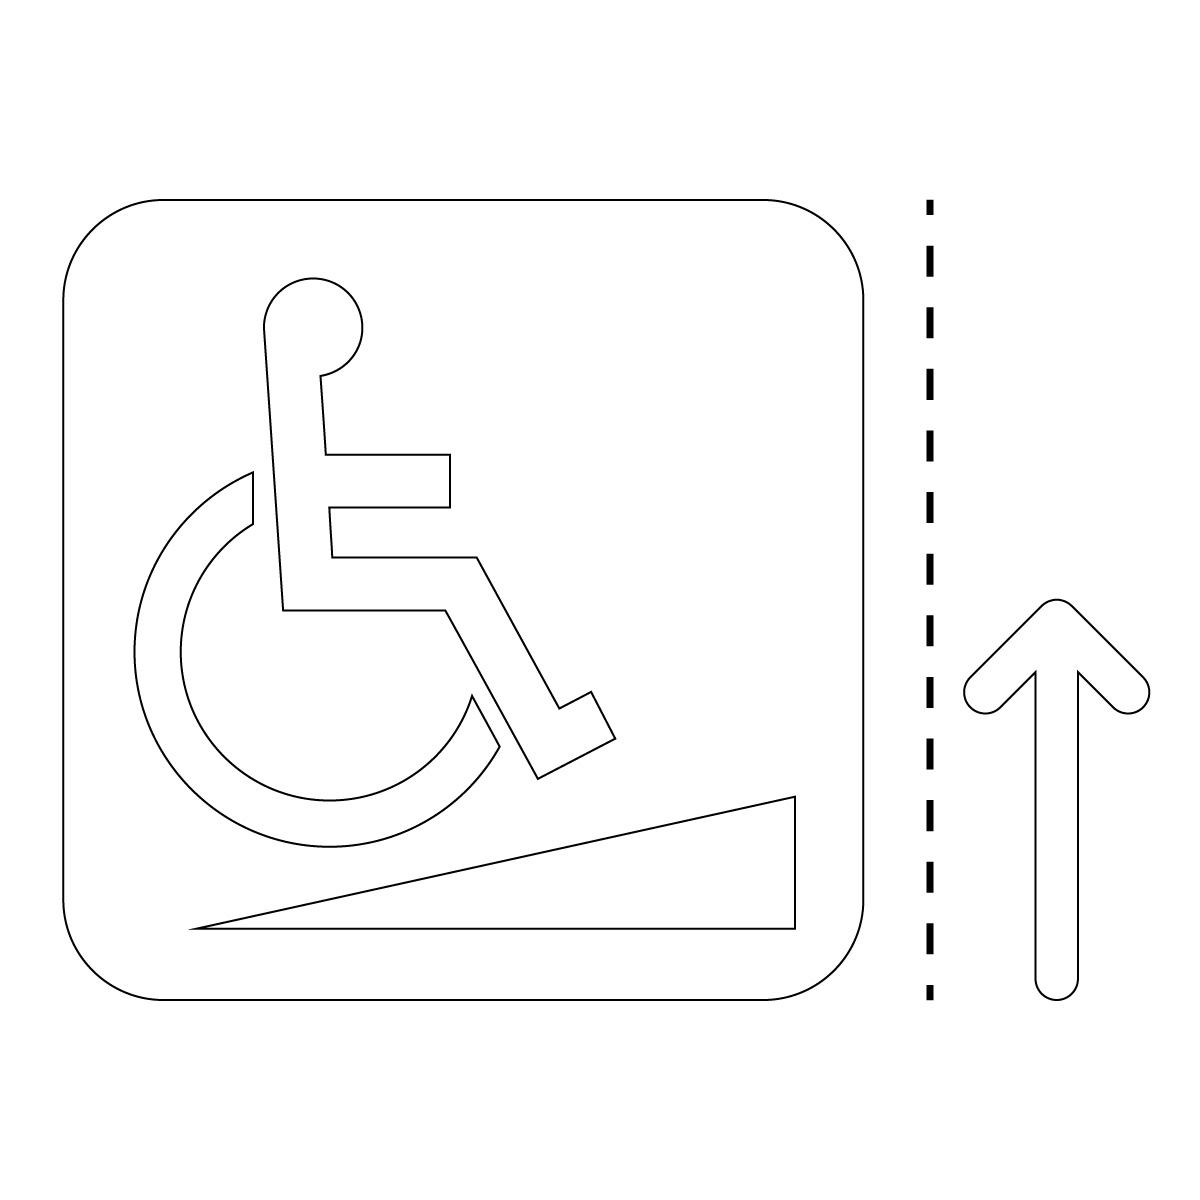 白色の車椅子・障害者スロープ案内マーク(矢印付き)のカッティングステッカー・シール